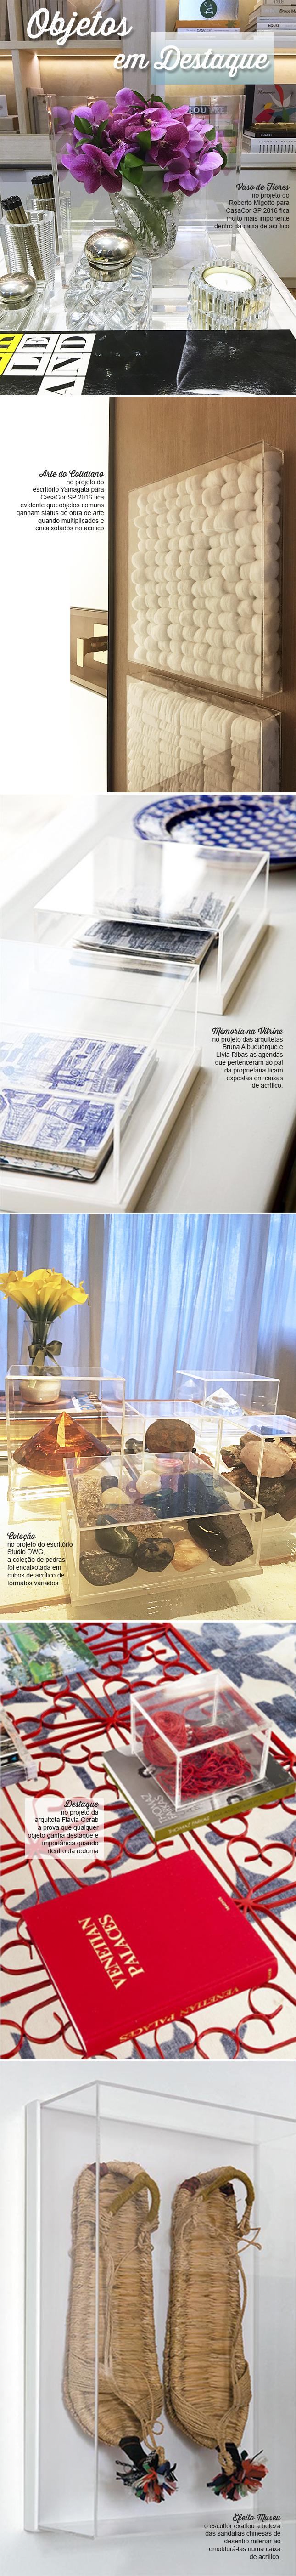 encaixotando-acrilico-decoradornet-objetos-em-destaque